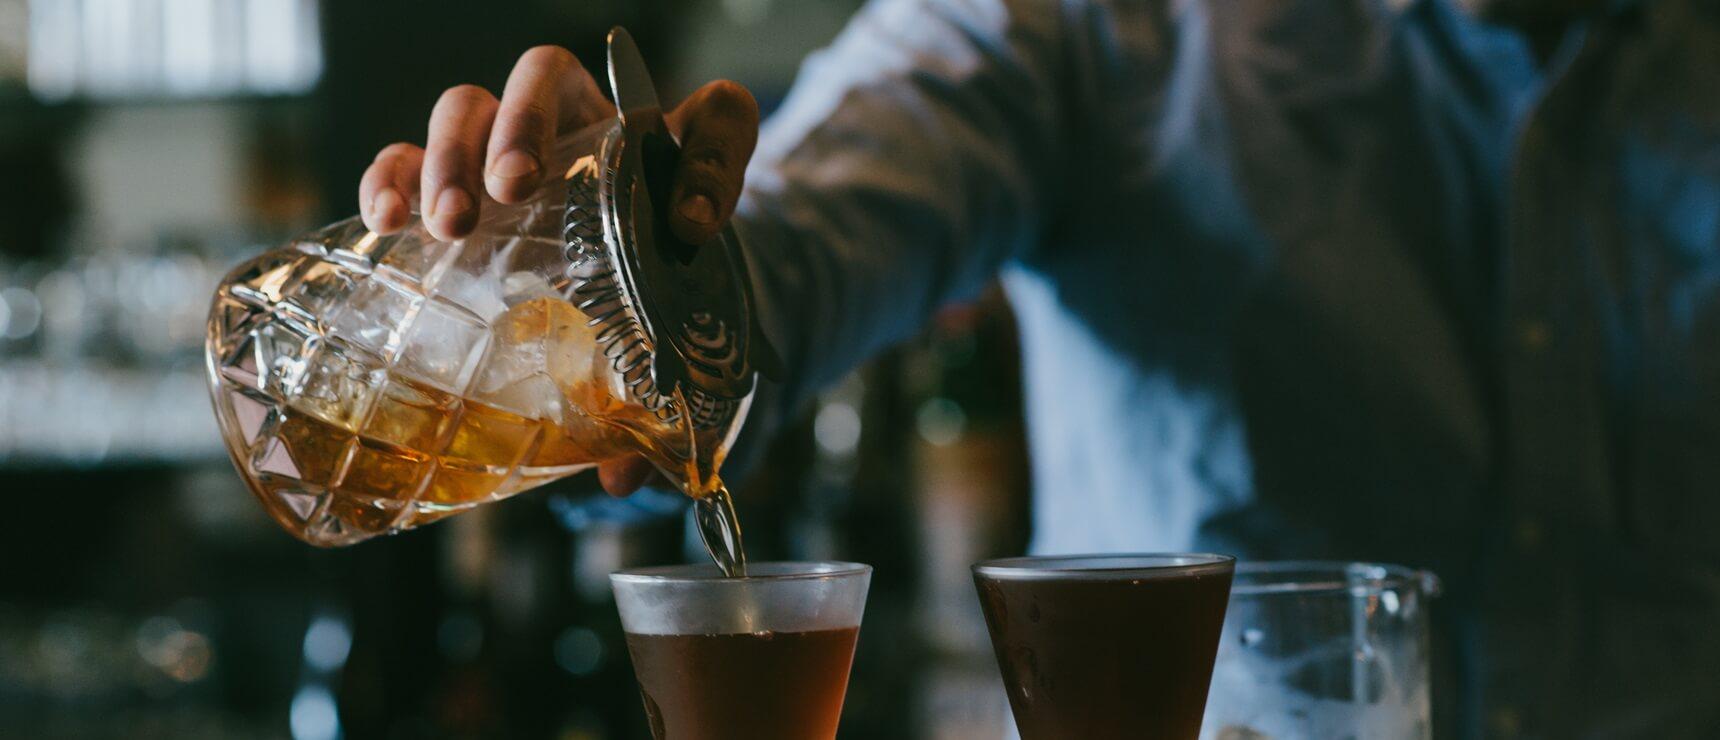 Préparation de cocktails - Naga Rum